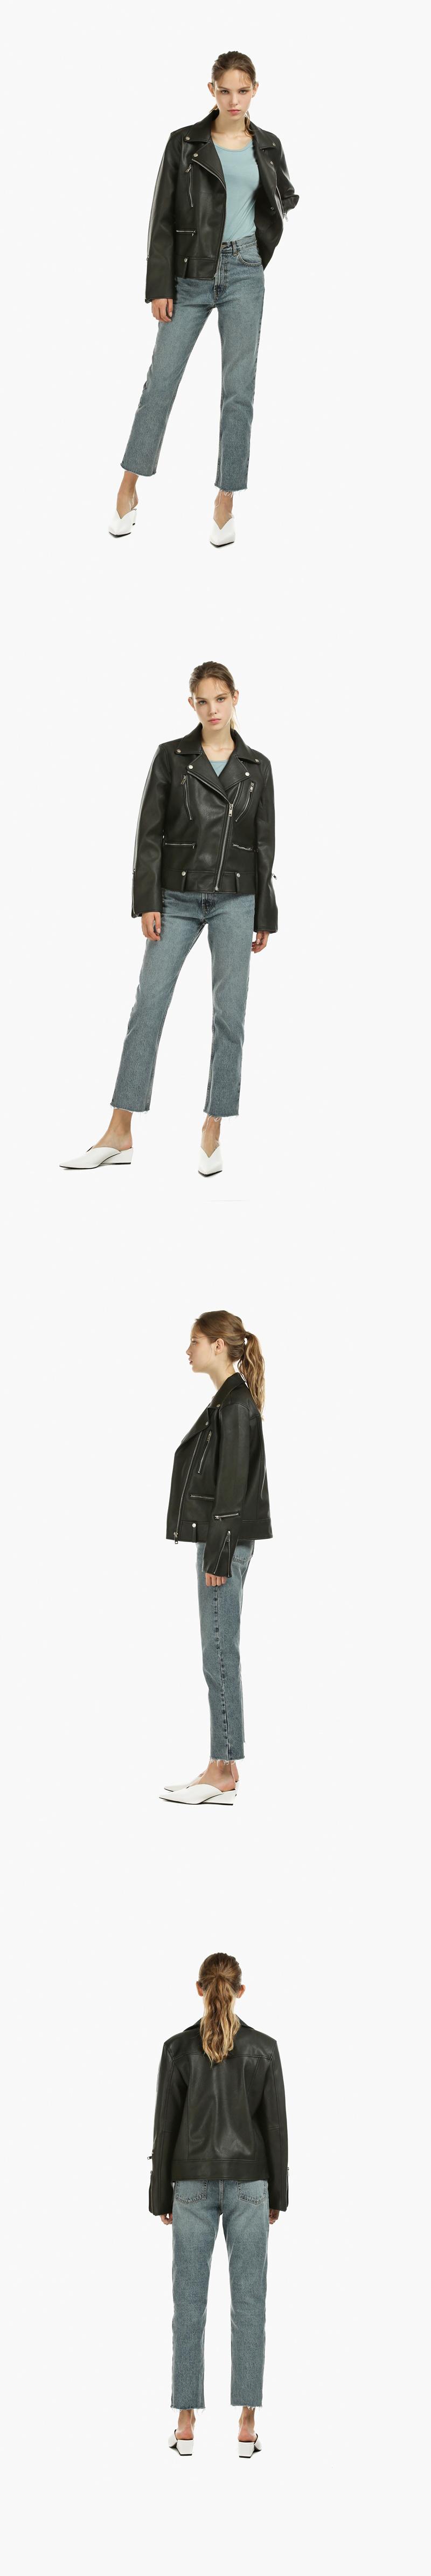 레이디 볼륨(LADY VOLUME) retail zipper leather jaket